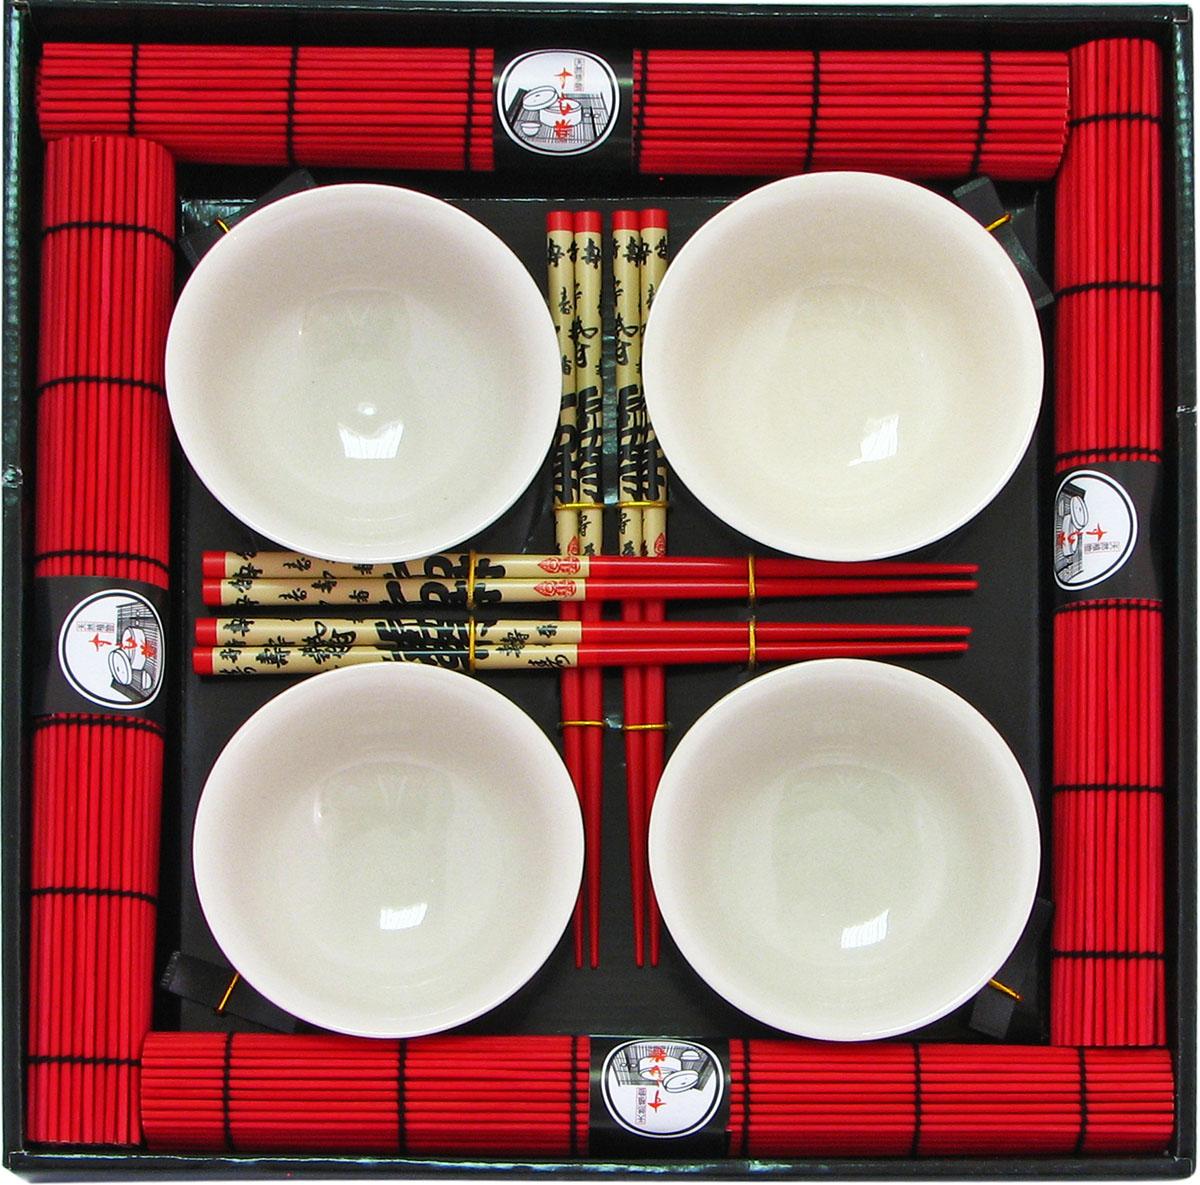 Набор для суши, цвет: белый, красный, 16 предметов40407Набор для суши,выполненный из керамики и бамбука, идеален в качествеподарка любителям восточной кухни. Вкомплекте 4 пиалы, 4 пары палочек, 4 подставки под палочки, 4 бамбуковых циновки.Данный набор идеально подойдет для грамотнойи красивой сервировки стола.